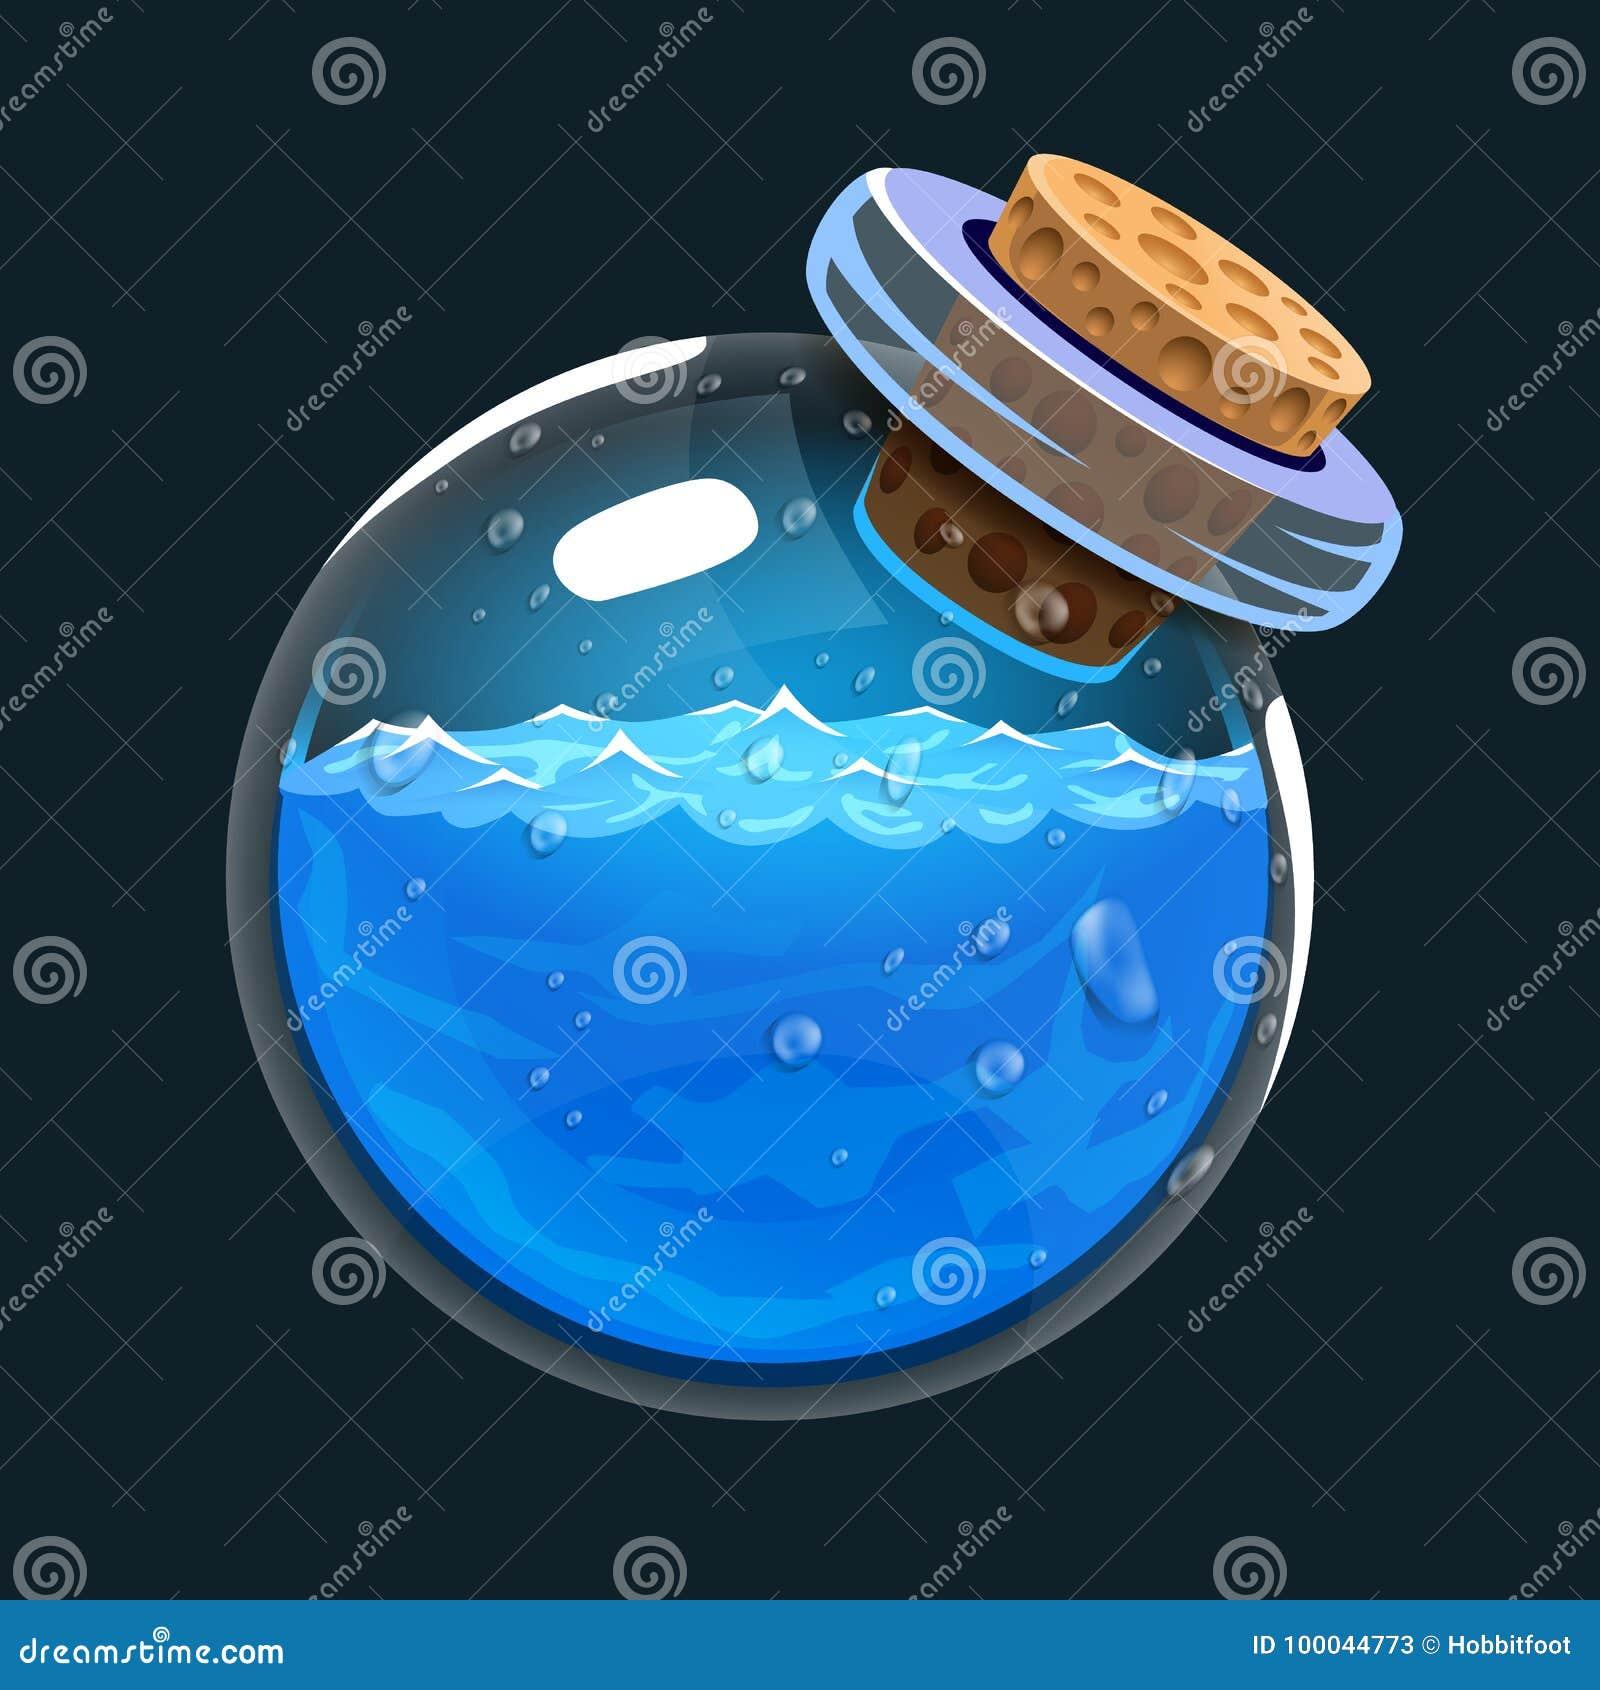 Garrafa da água Ícone do jogo do elixir mágico Relação para o jogo rpg ou match3 Água ou mana Variação grande